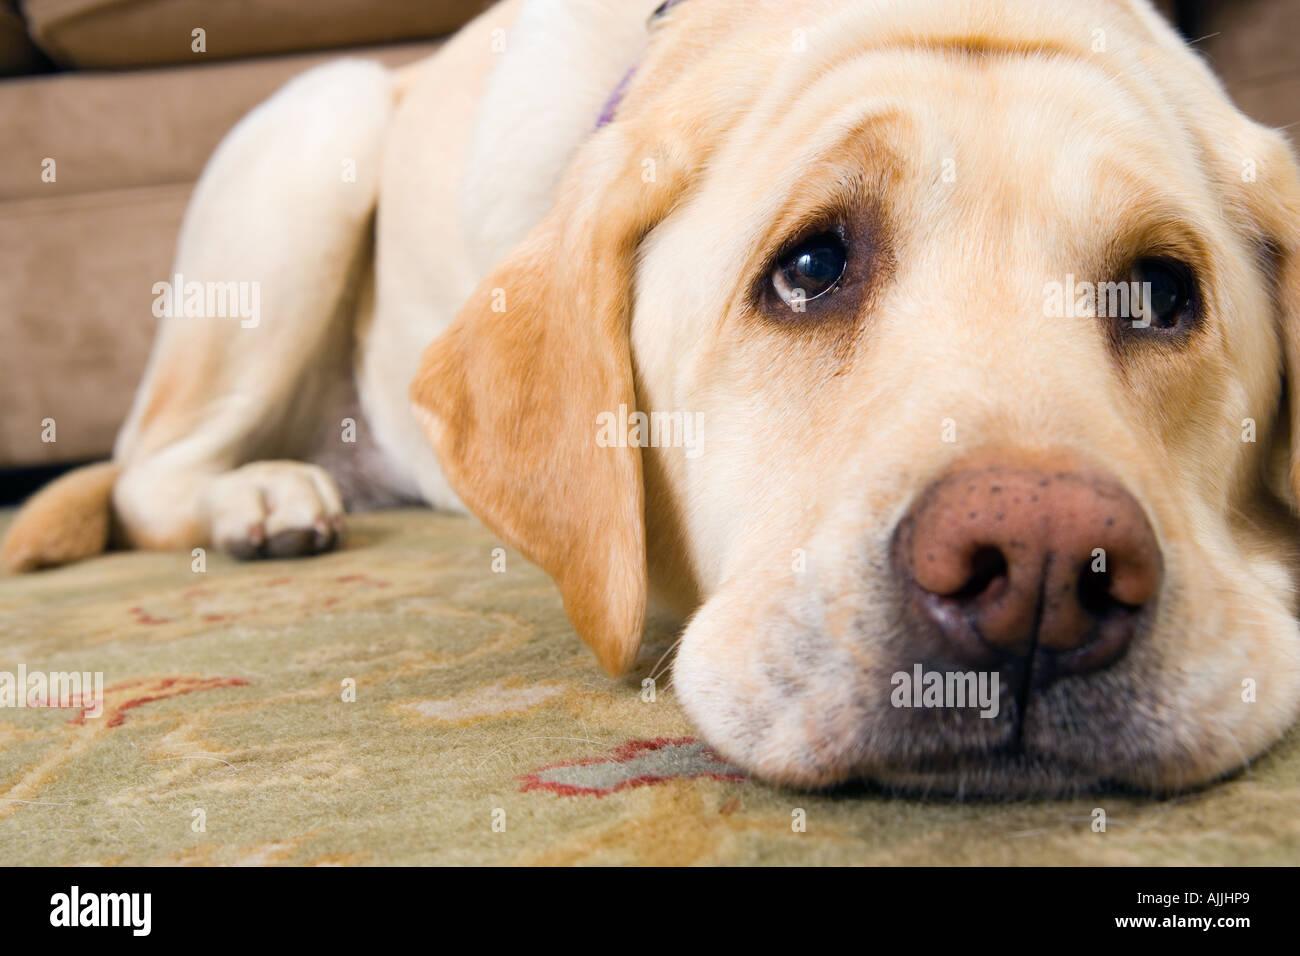 Dogs Sad Eyes